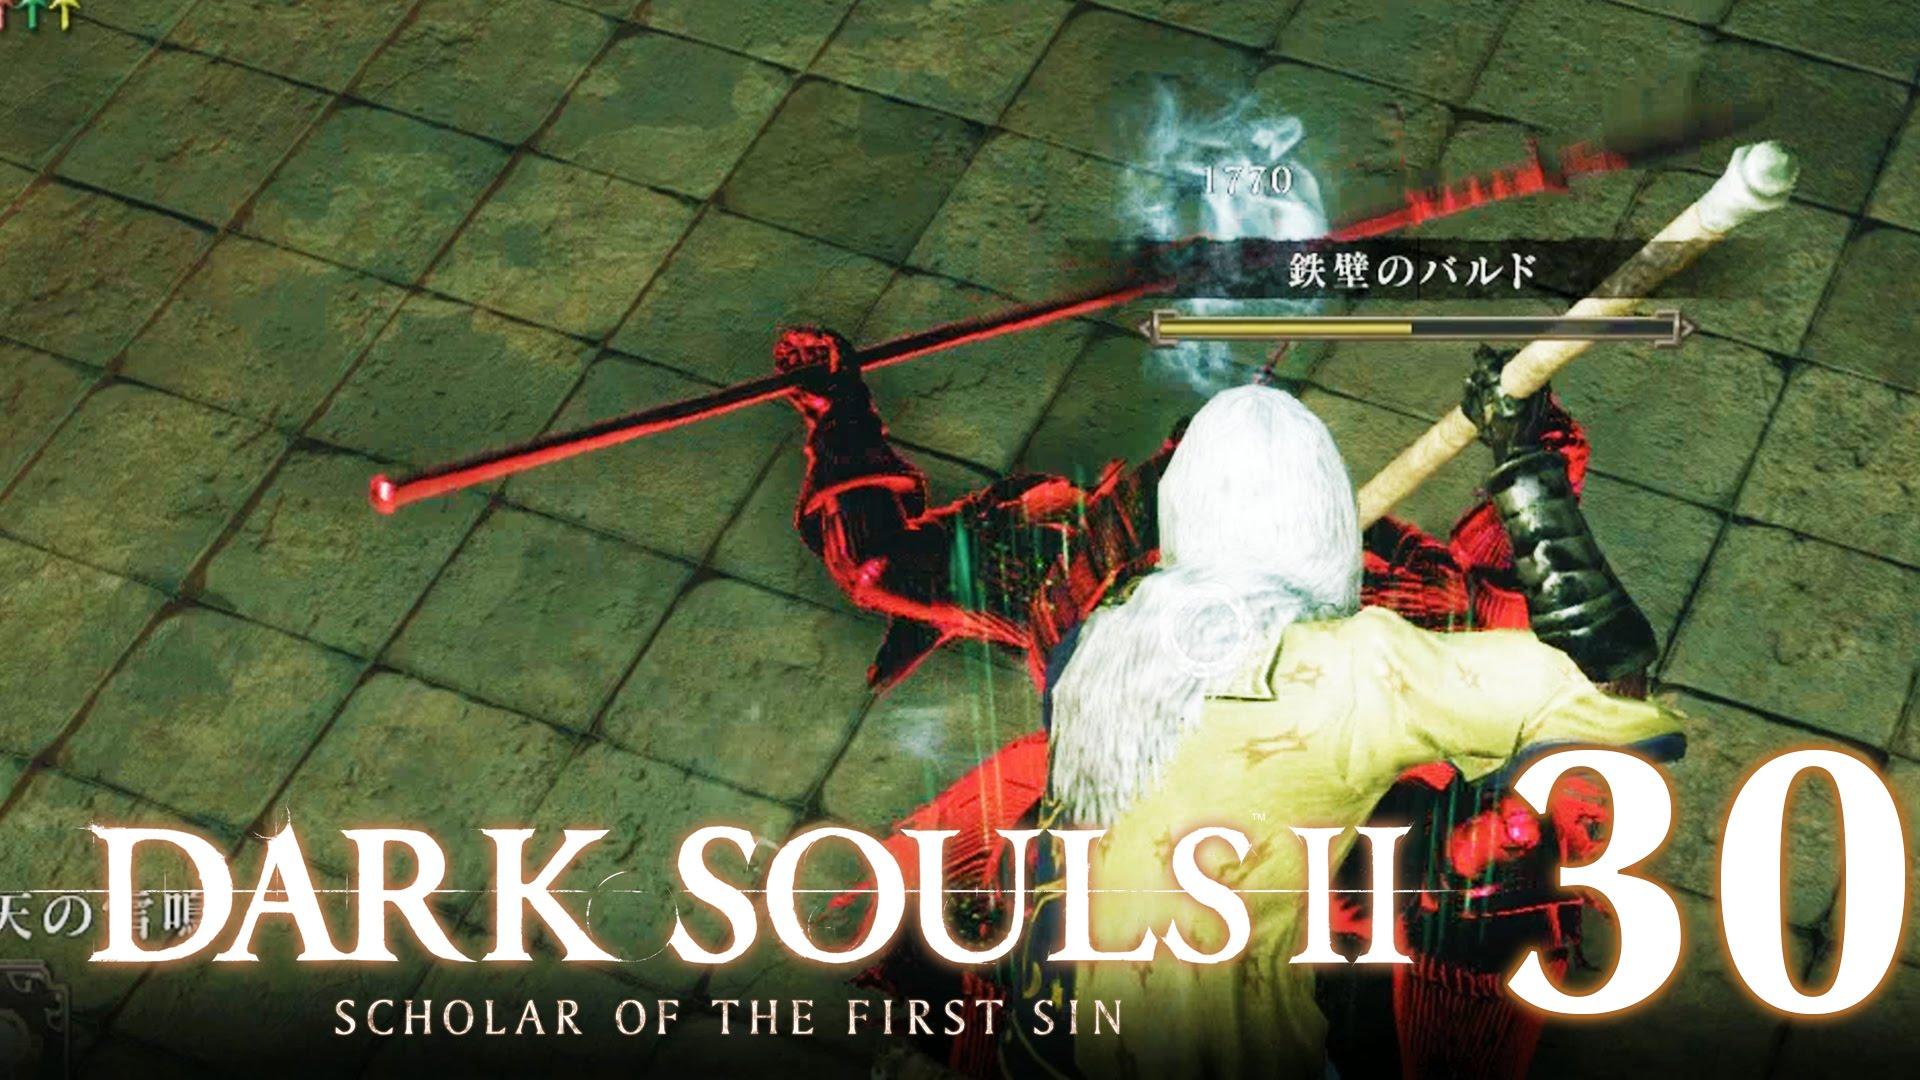 #30【PC版】SCHOLAR OF THE FIRST SIN   DARKSOULS Ⅱ【聖壁の都サルヴァ】